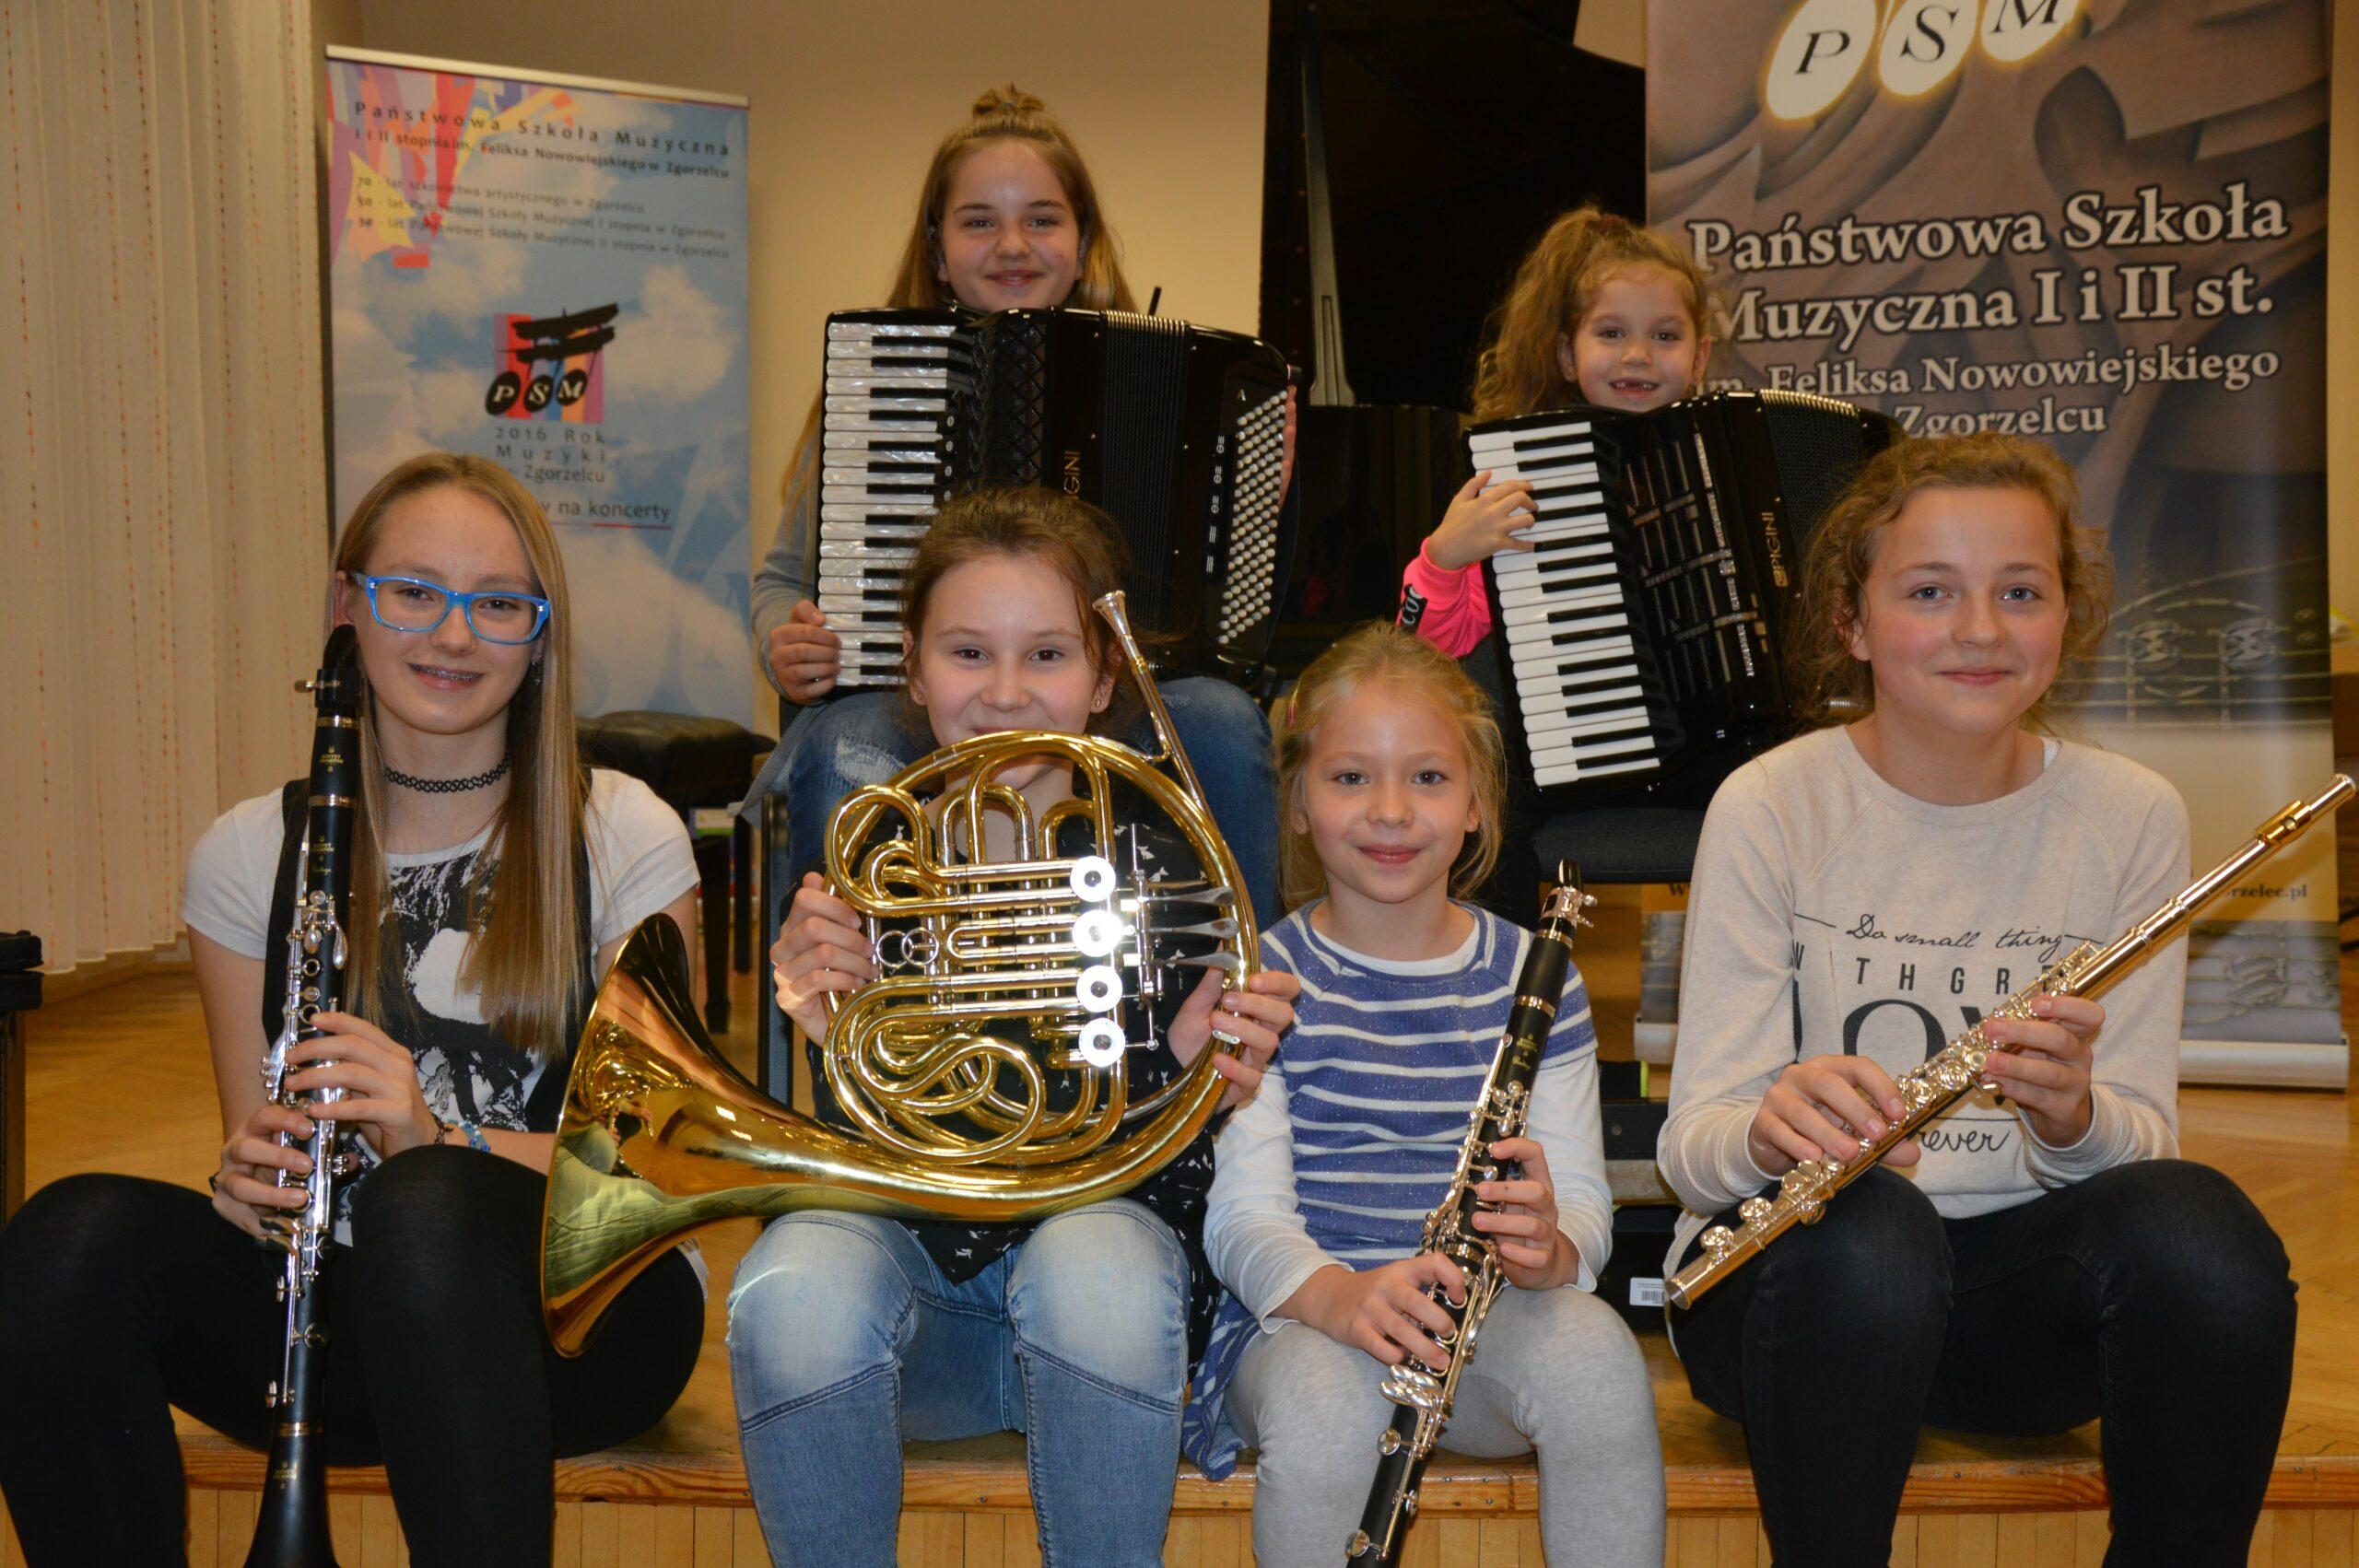 Trwa rekrutacja do Państwowej Szkoły Muzycznej